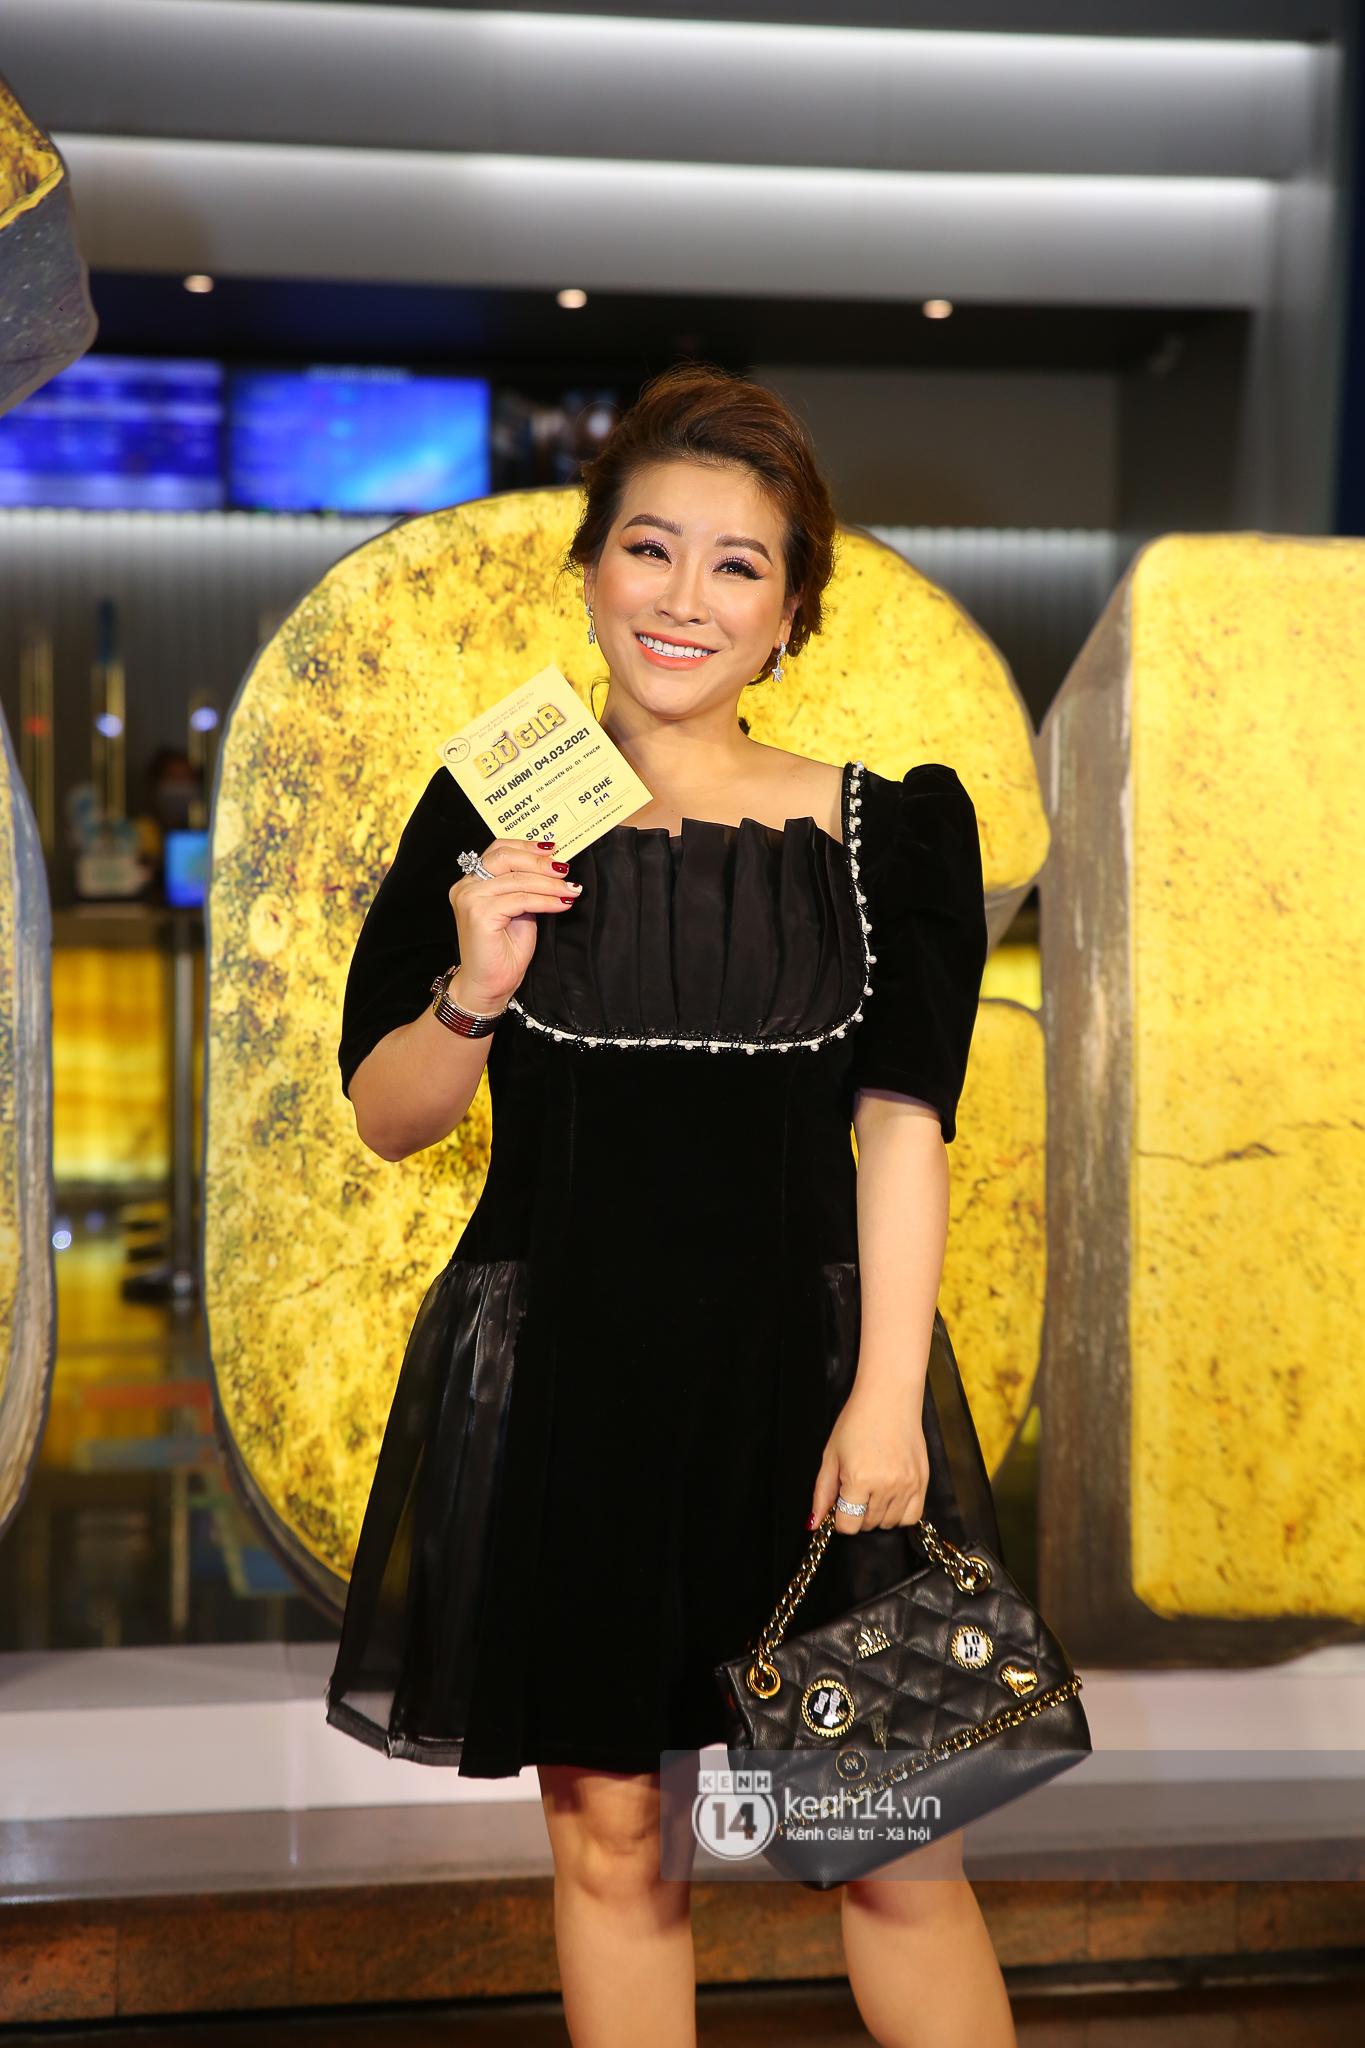 Cặp đôi nhà Đông Nhi, Lệ Quyên thi nhau show ân ái không kém cạnh Trấn Thành - Hariwon ở siêu thảm đỏ Bố Già - Ảnh 24.